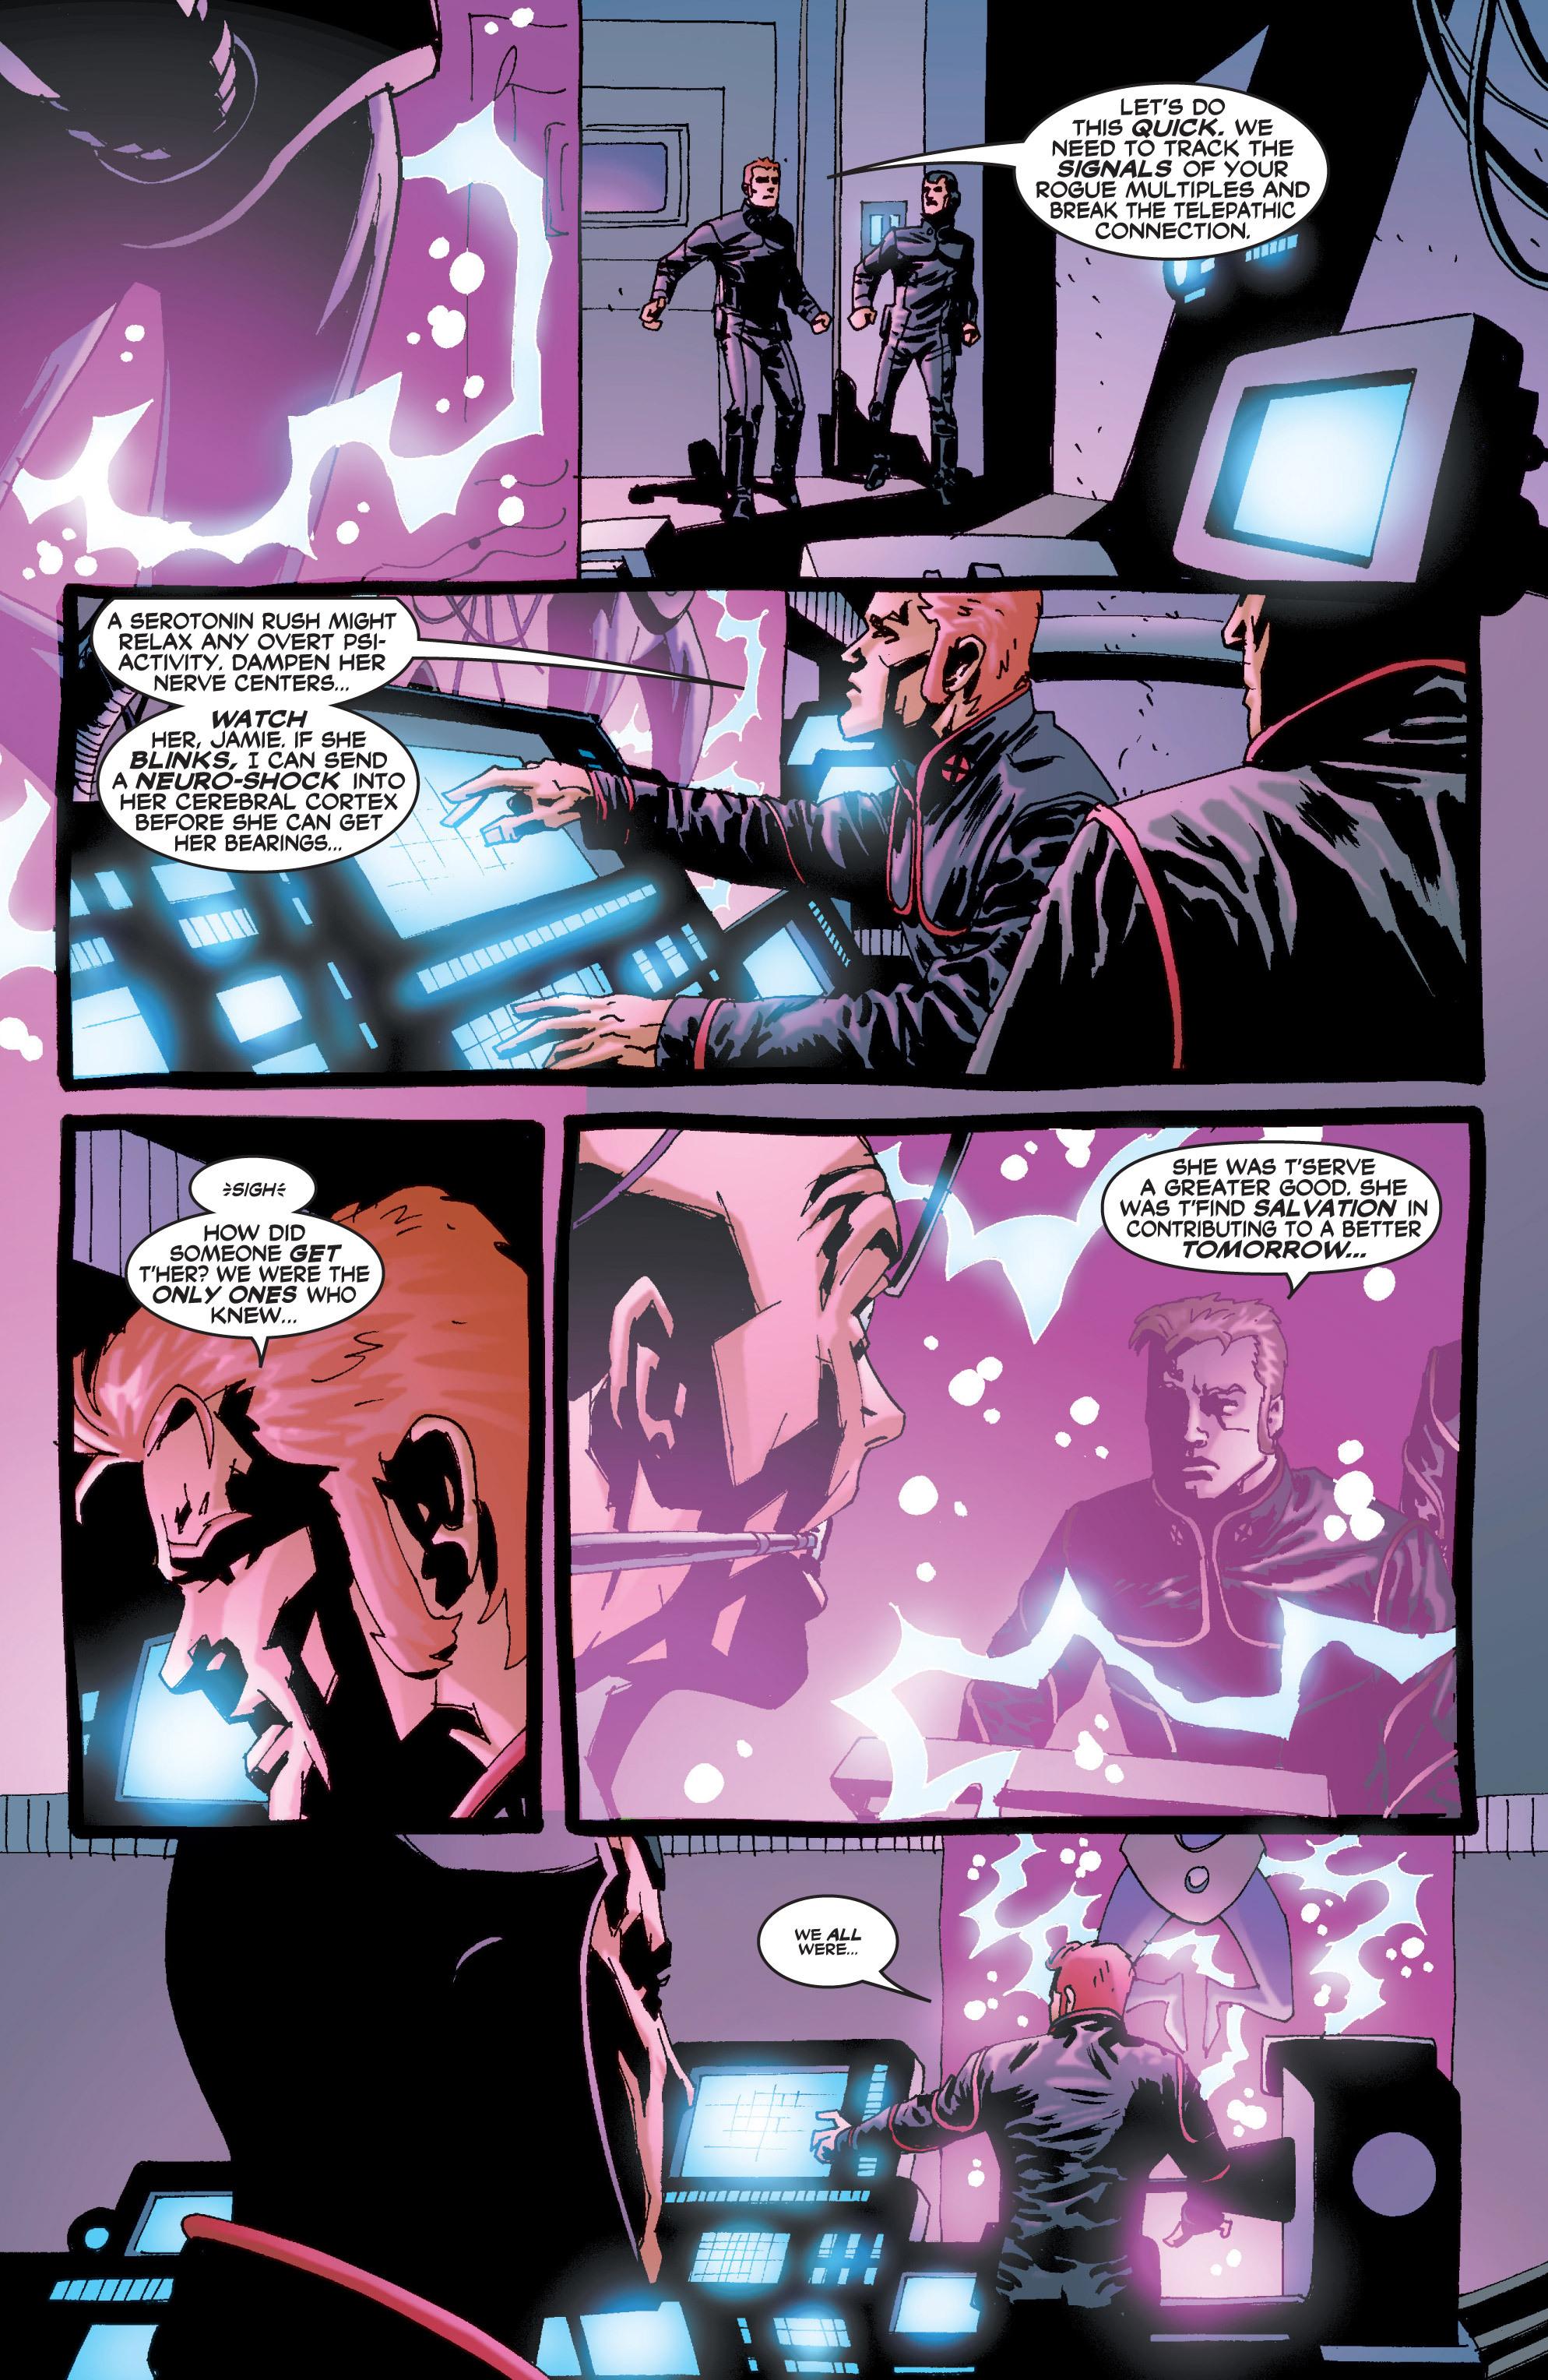 Read online Uncanny X-Men (1963) comic -  Issue #405 - 20